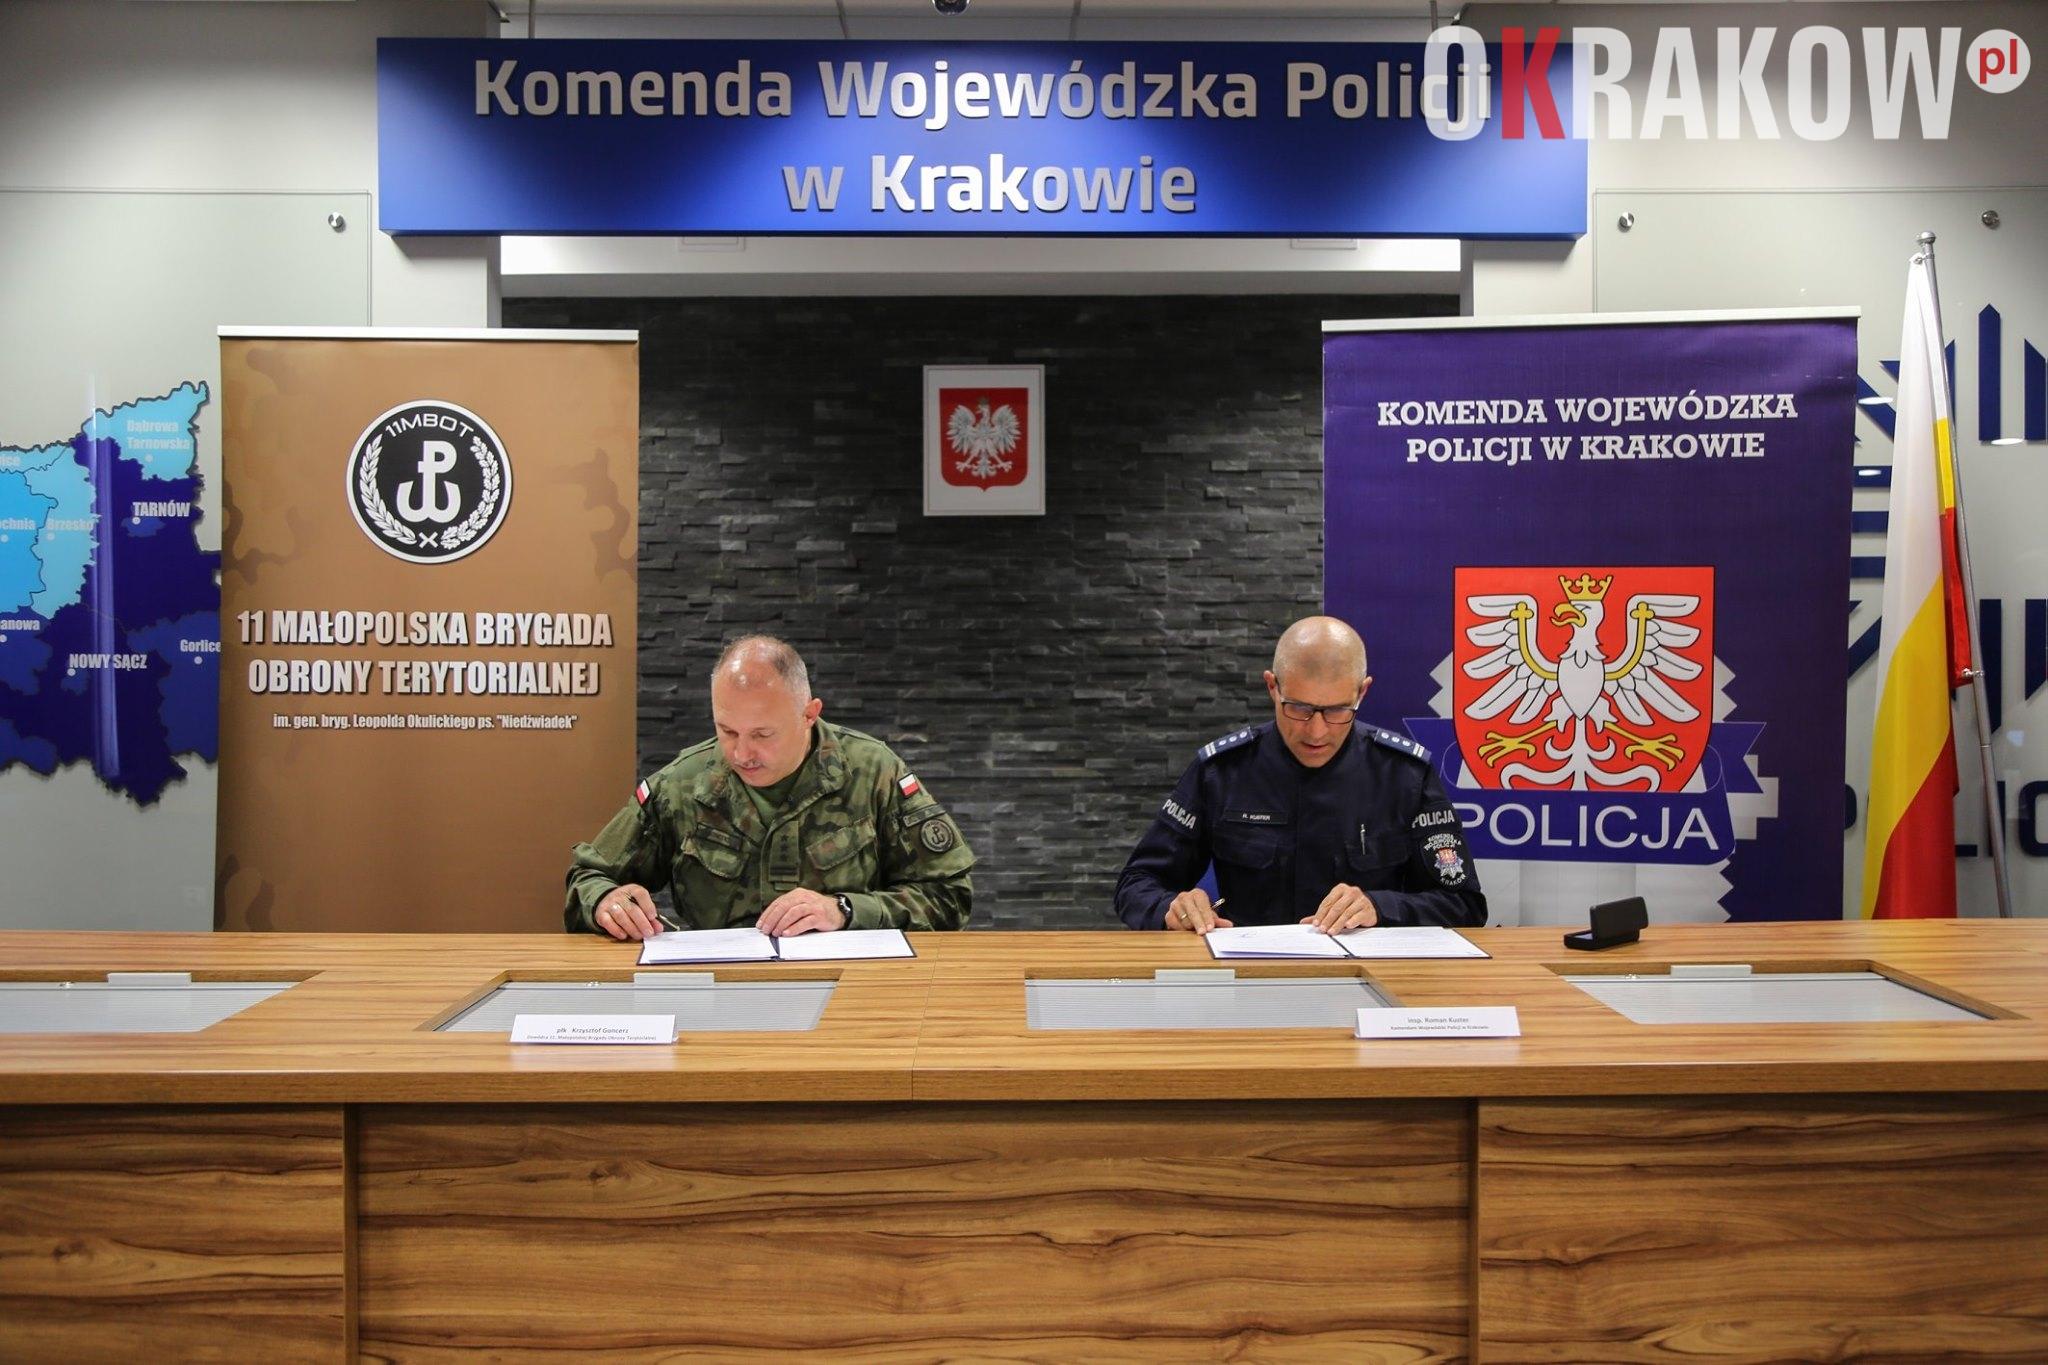 policja krakow - Porozumienie o współpracy pomiędzy 11 Małopolską Brygadą Obrony Terytorialnej i Komendą Wojewódzką Policji w Krakowie